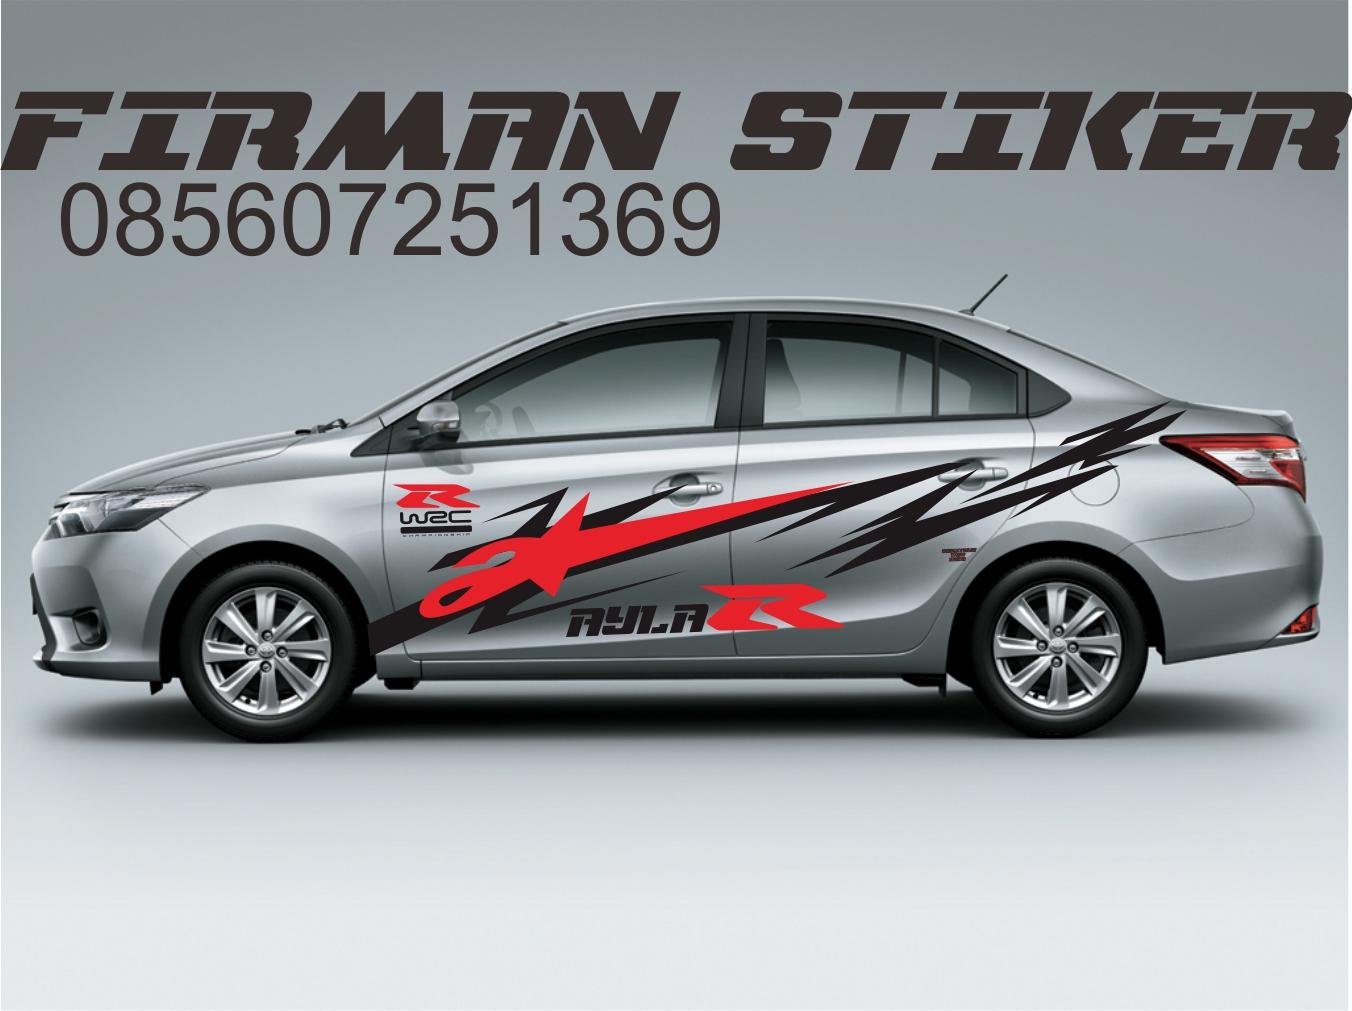 Gambar Stiker Untuk Mobil Sedan Terbaru Dan Terkeren